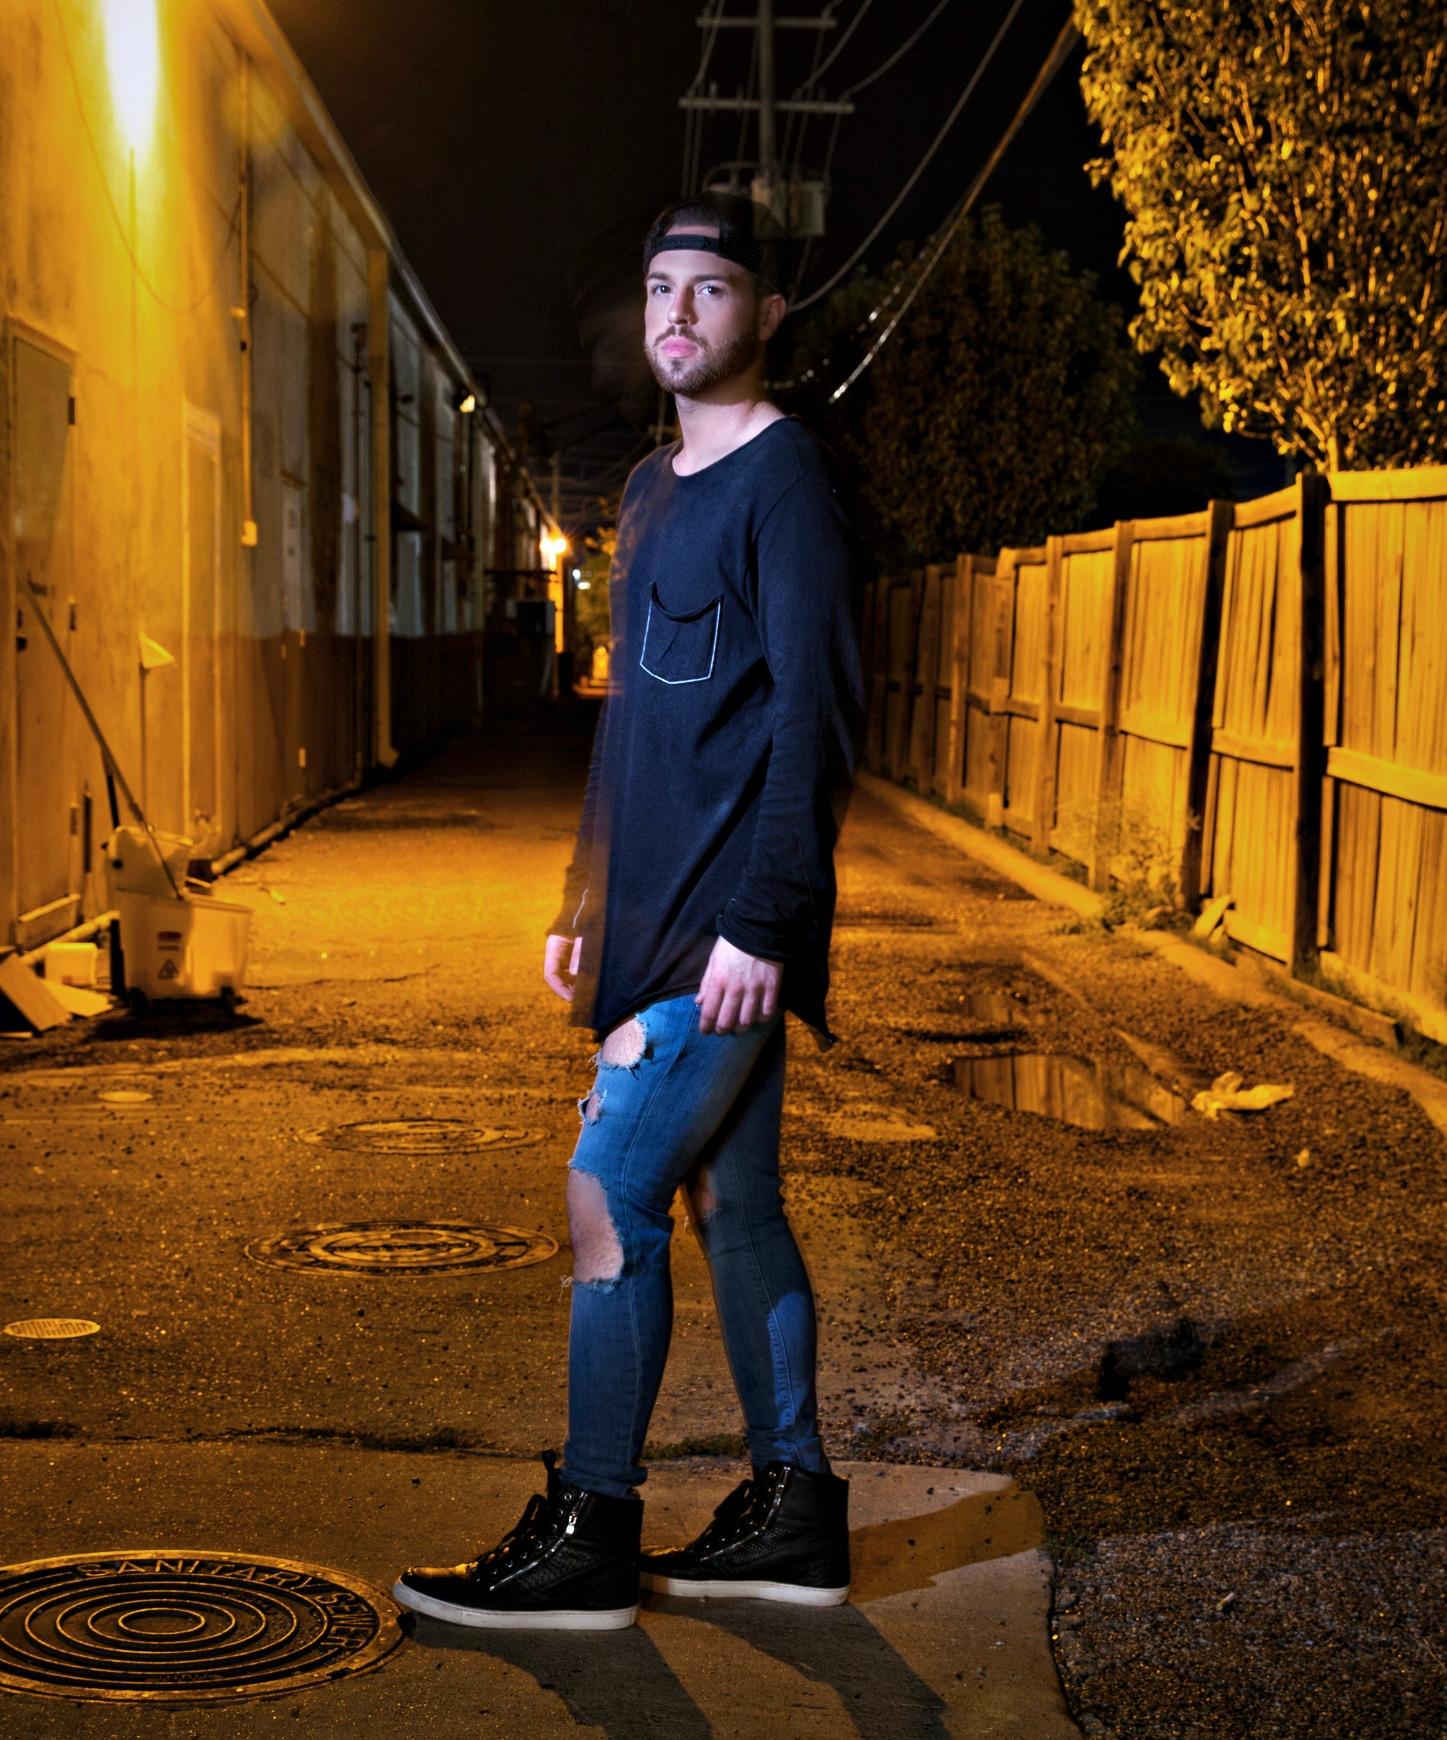 Late Night Shoot-0001.jpg